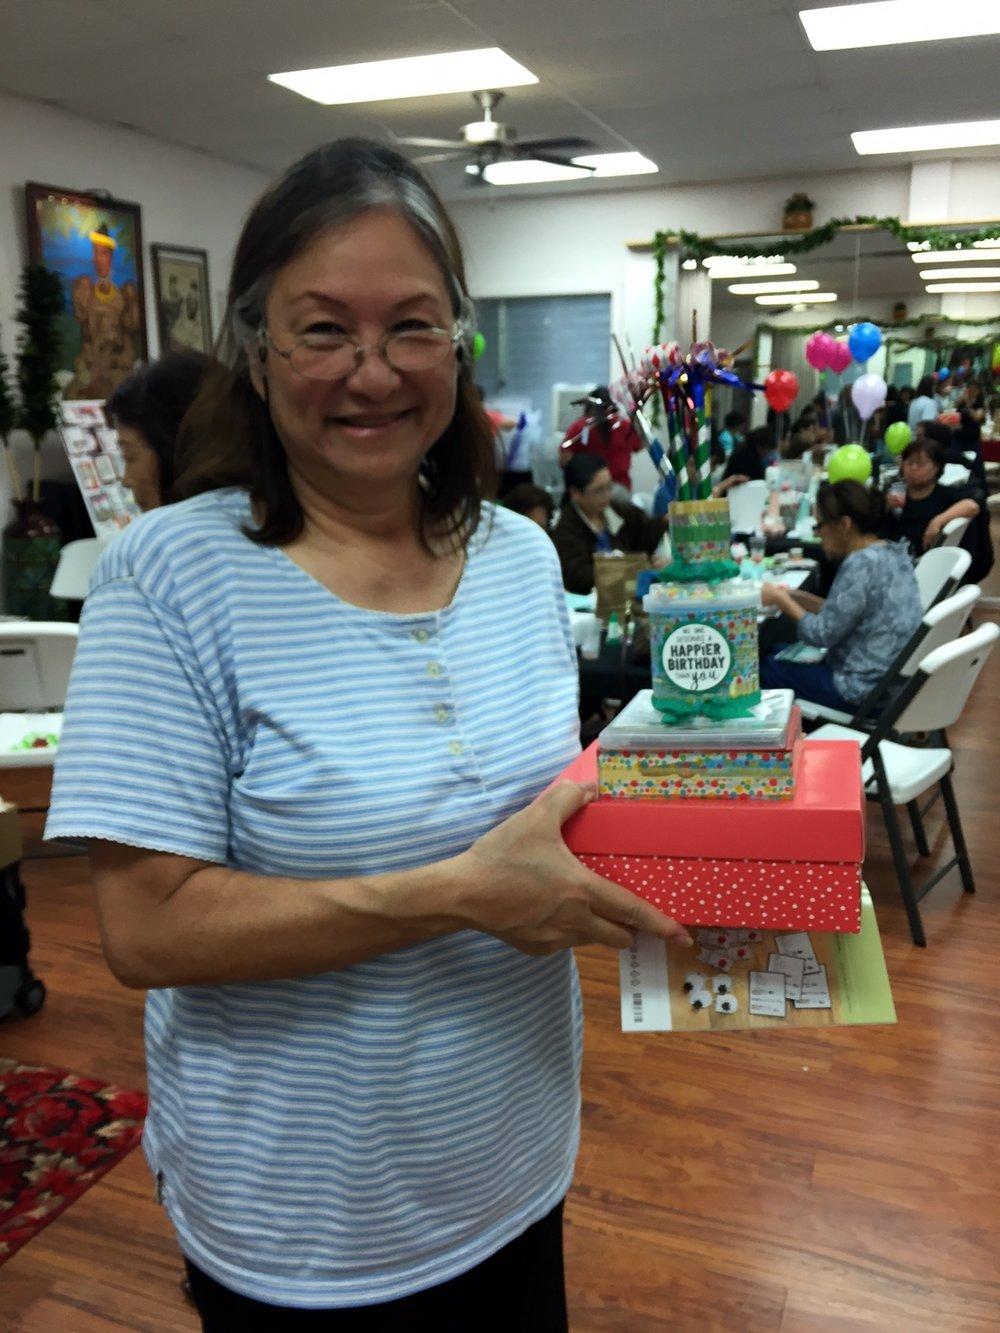 Birthday Cake Grand Prize - www.stampedwithaloha.com